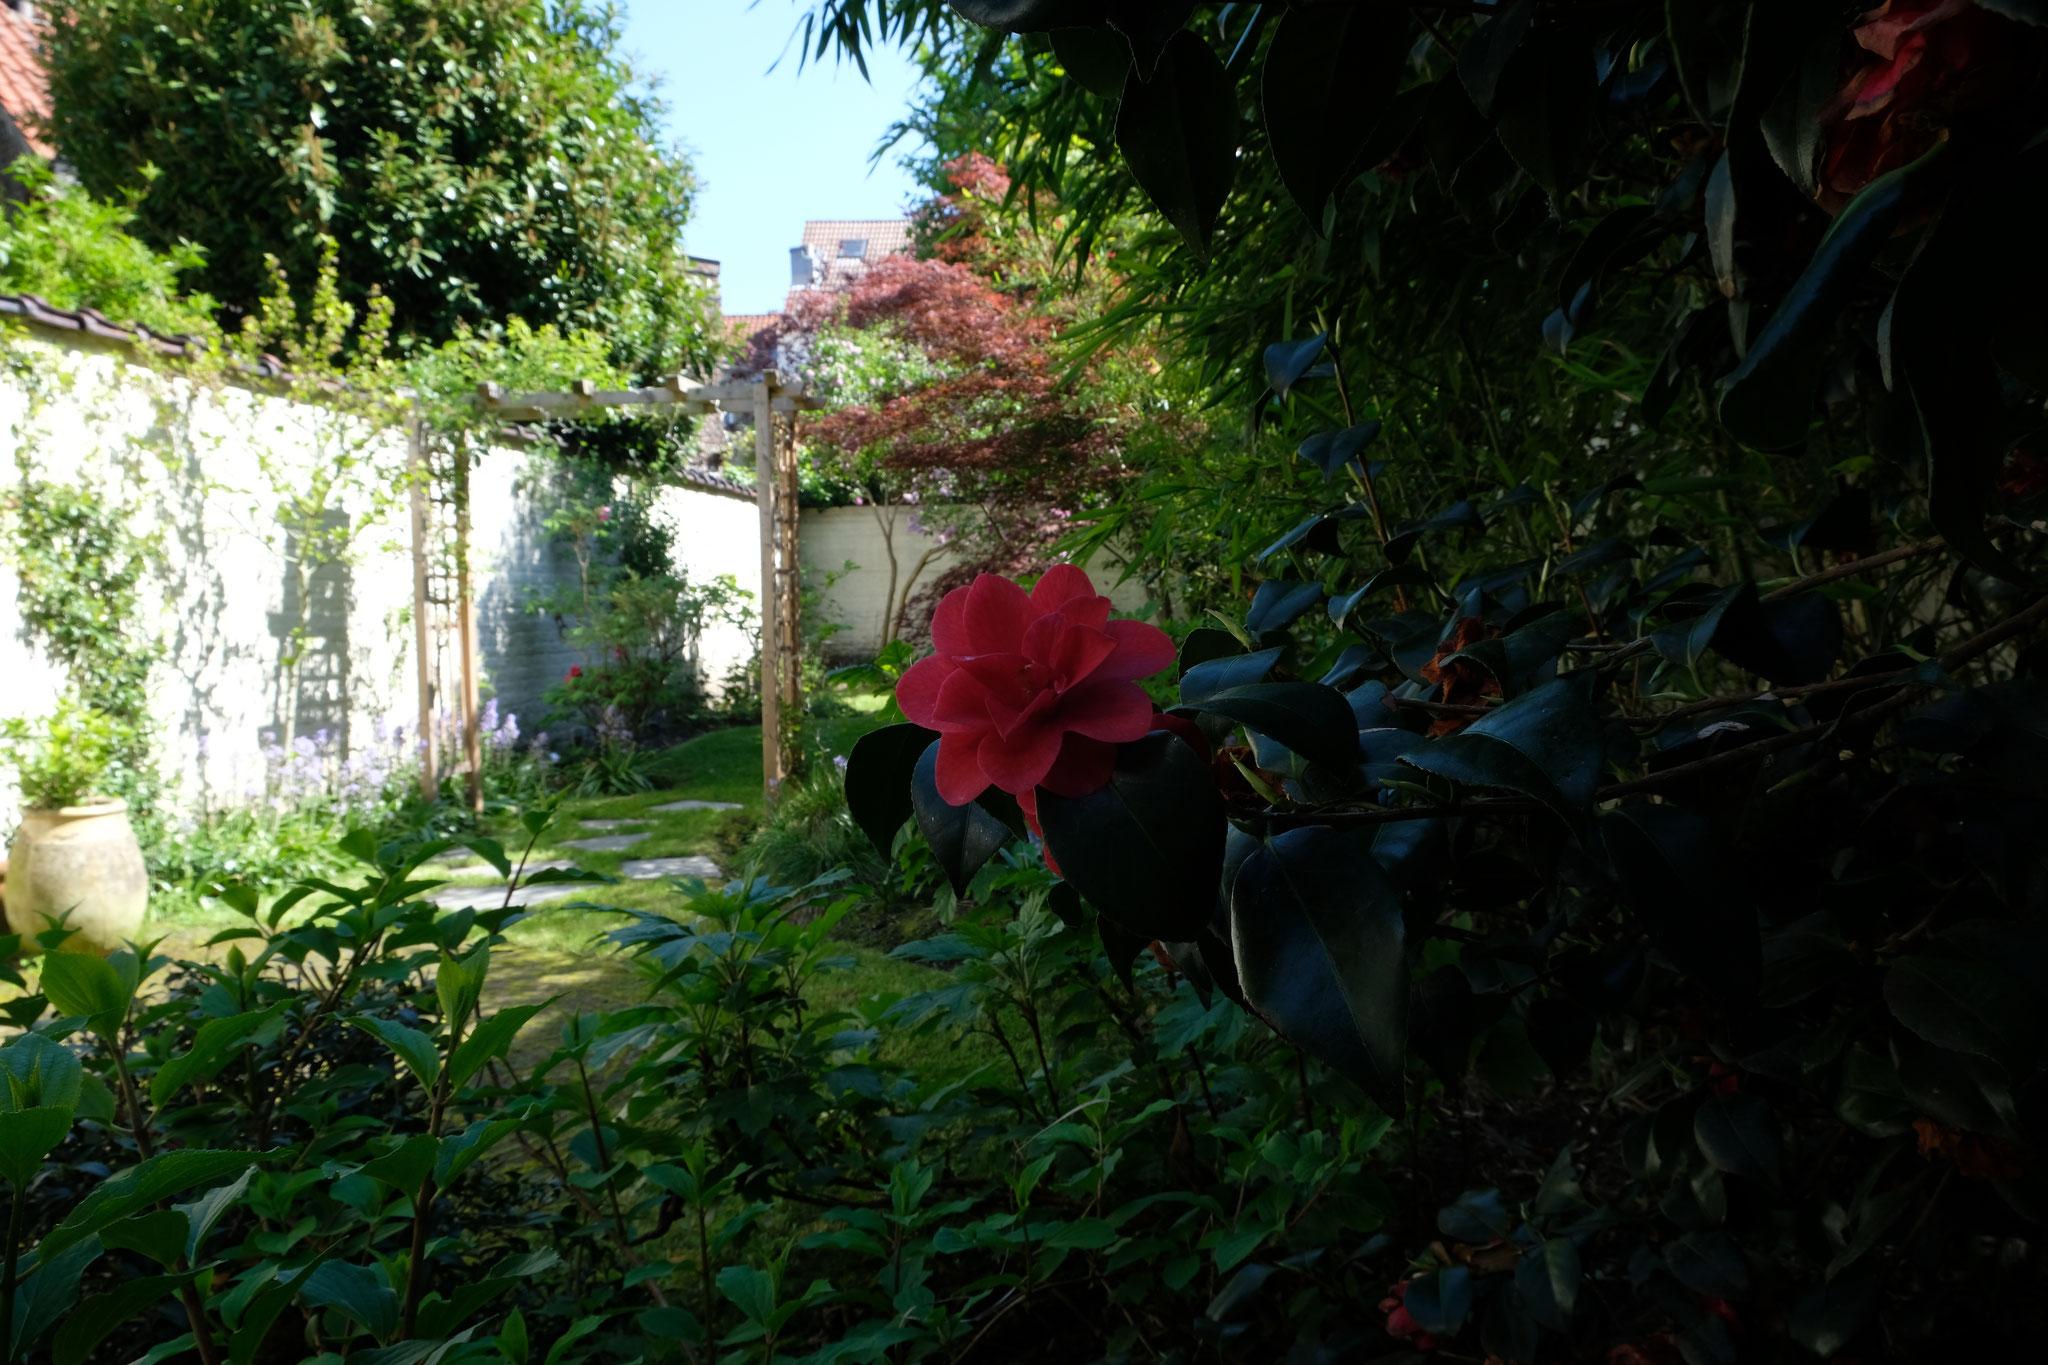 Jardin de ville 120m2 - Jardin de chambres - Le jardin vue de l'entrée/ Printemps 2018. Amenagement jardin Bruxelles